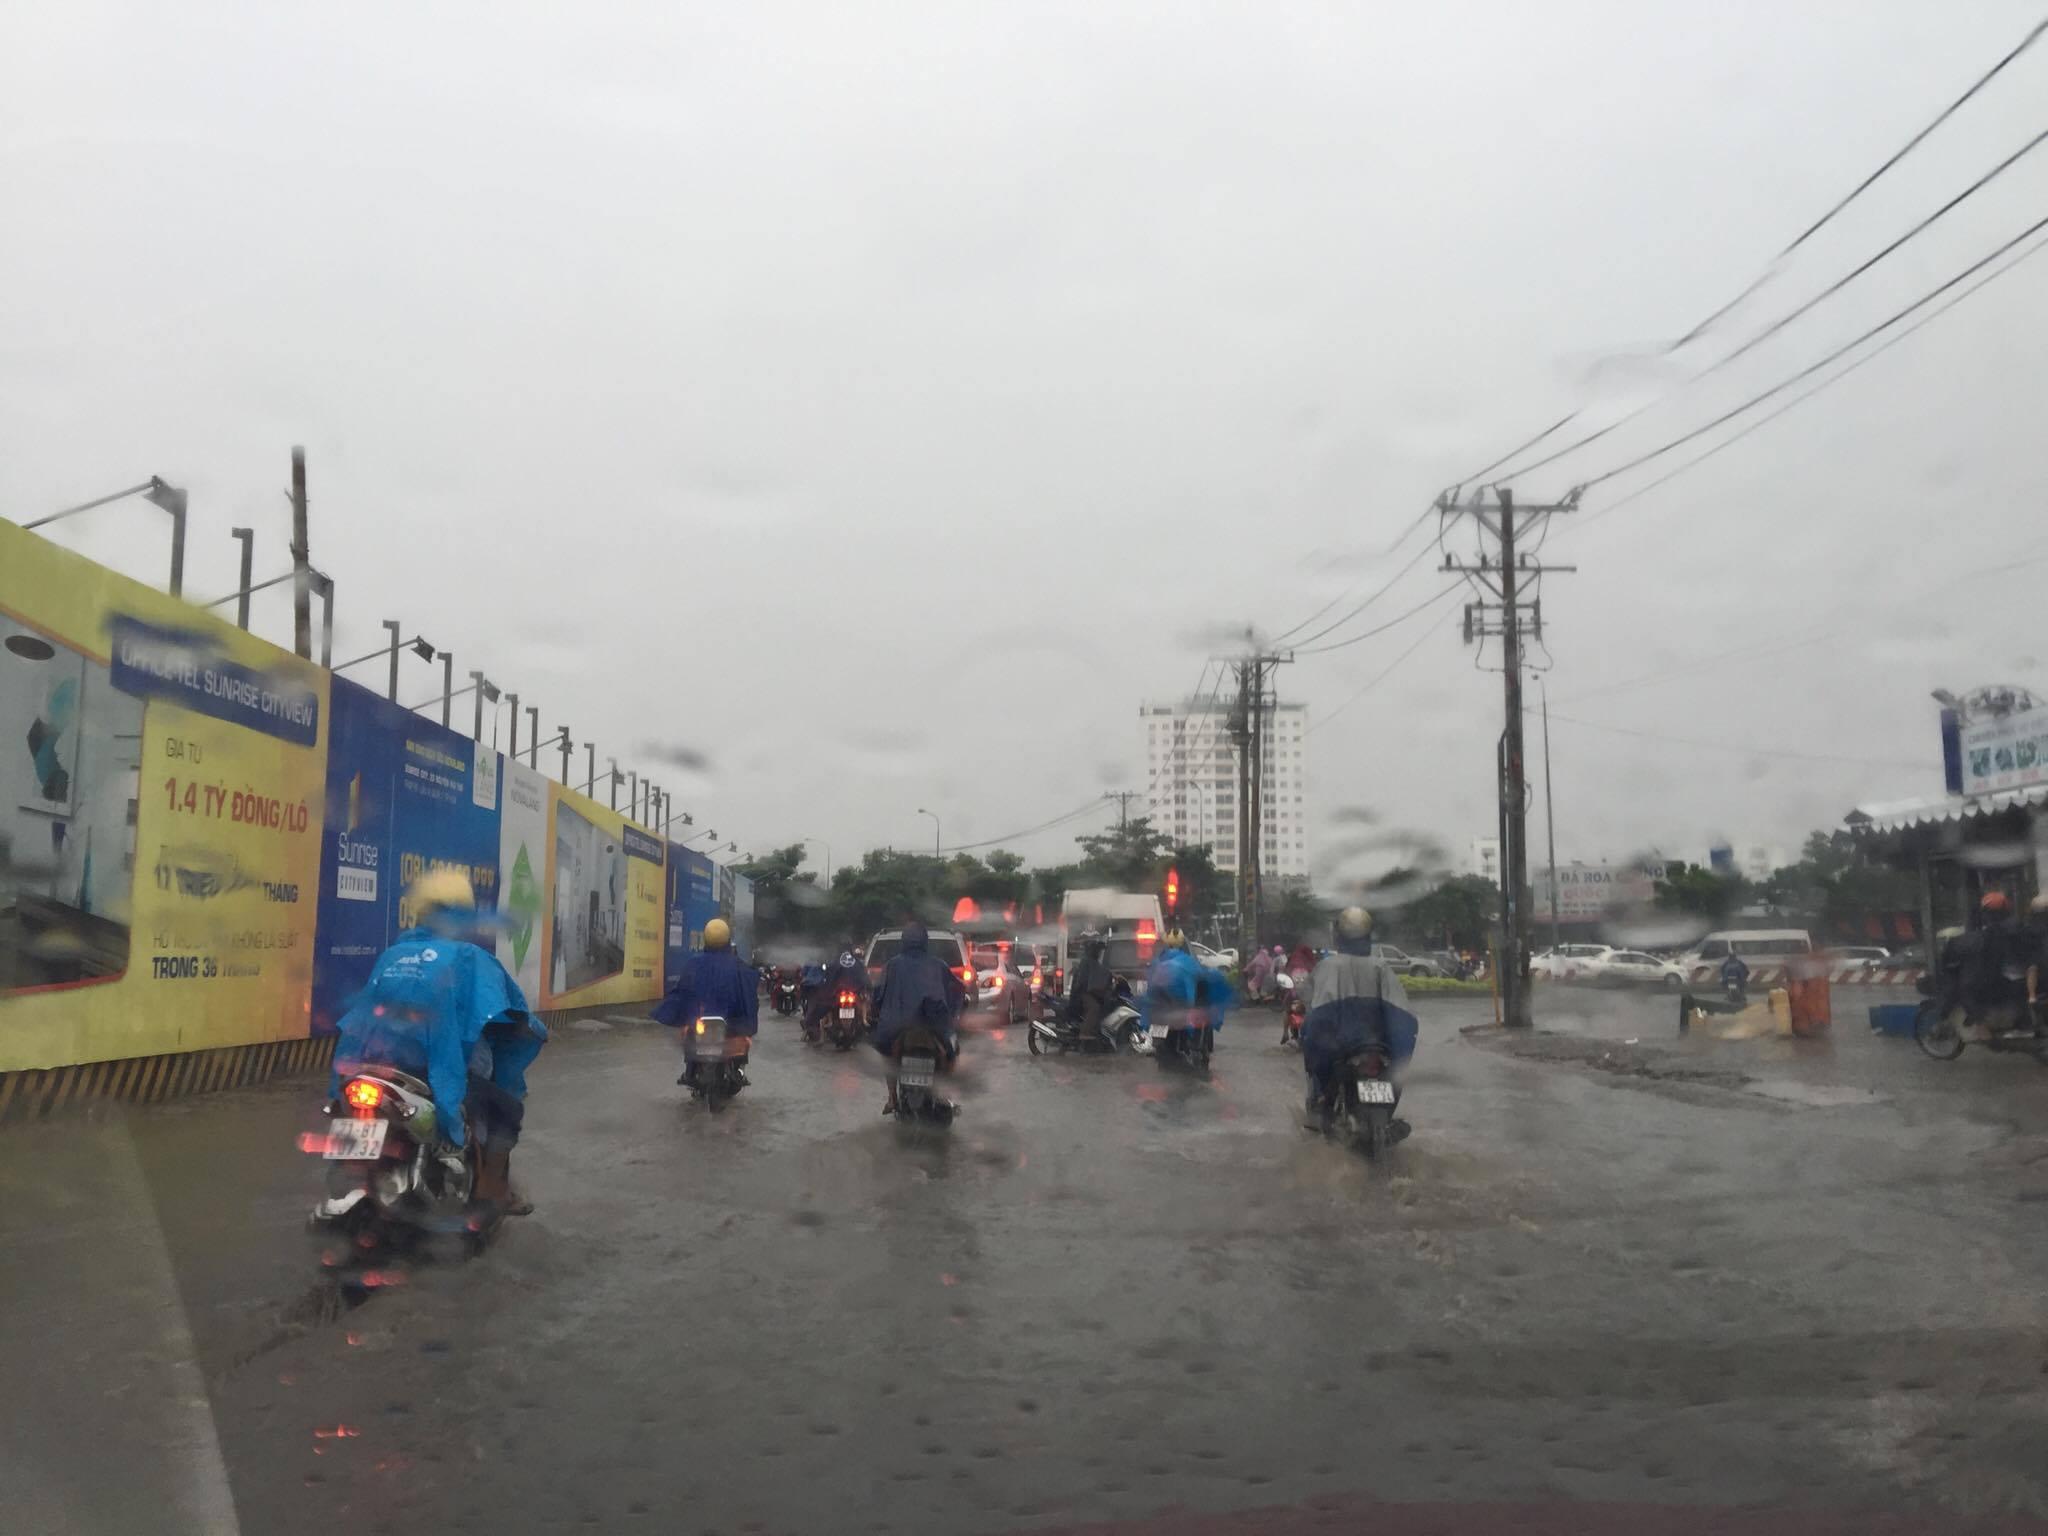 Sài Gòn mưa mù trời, giao thông hỗn loạn - 1